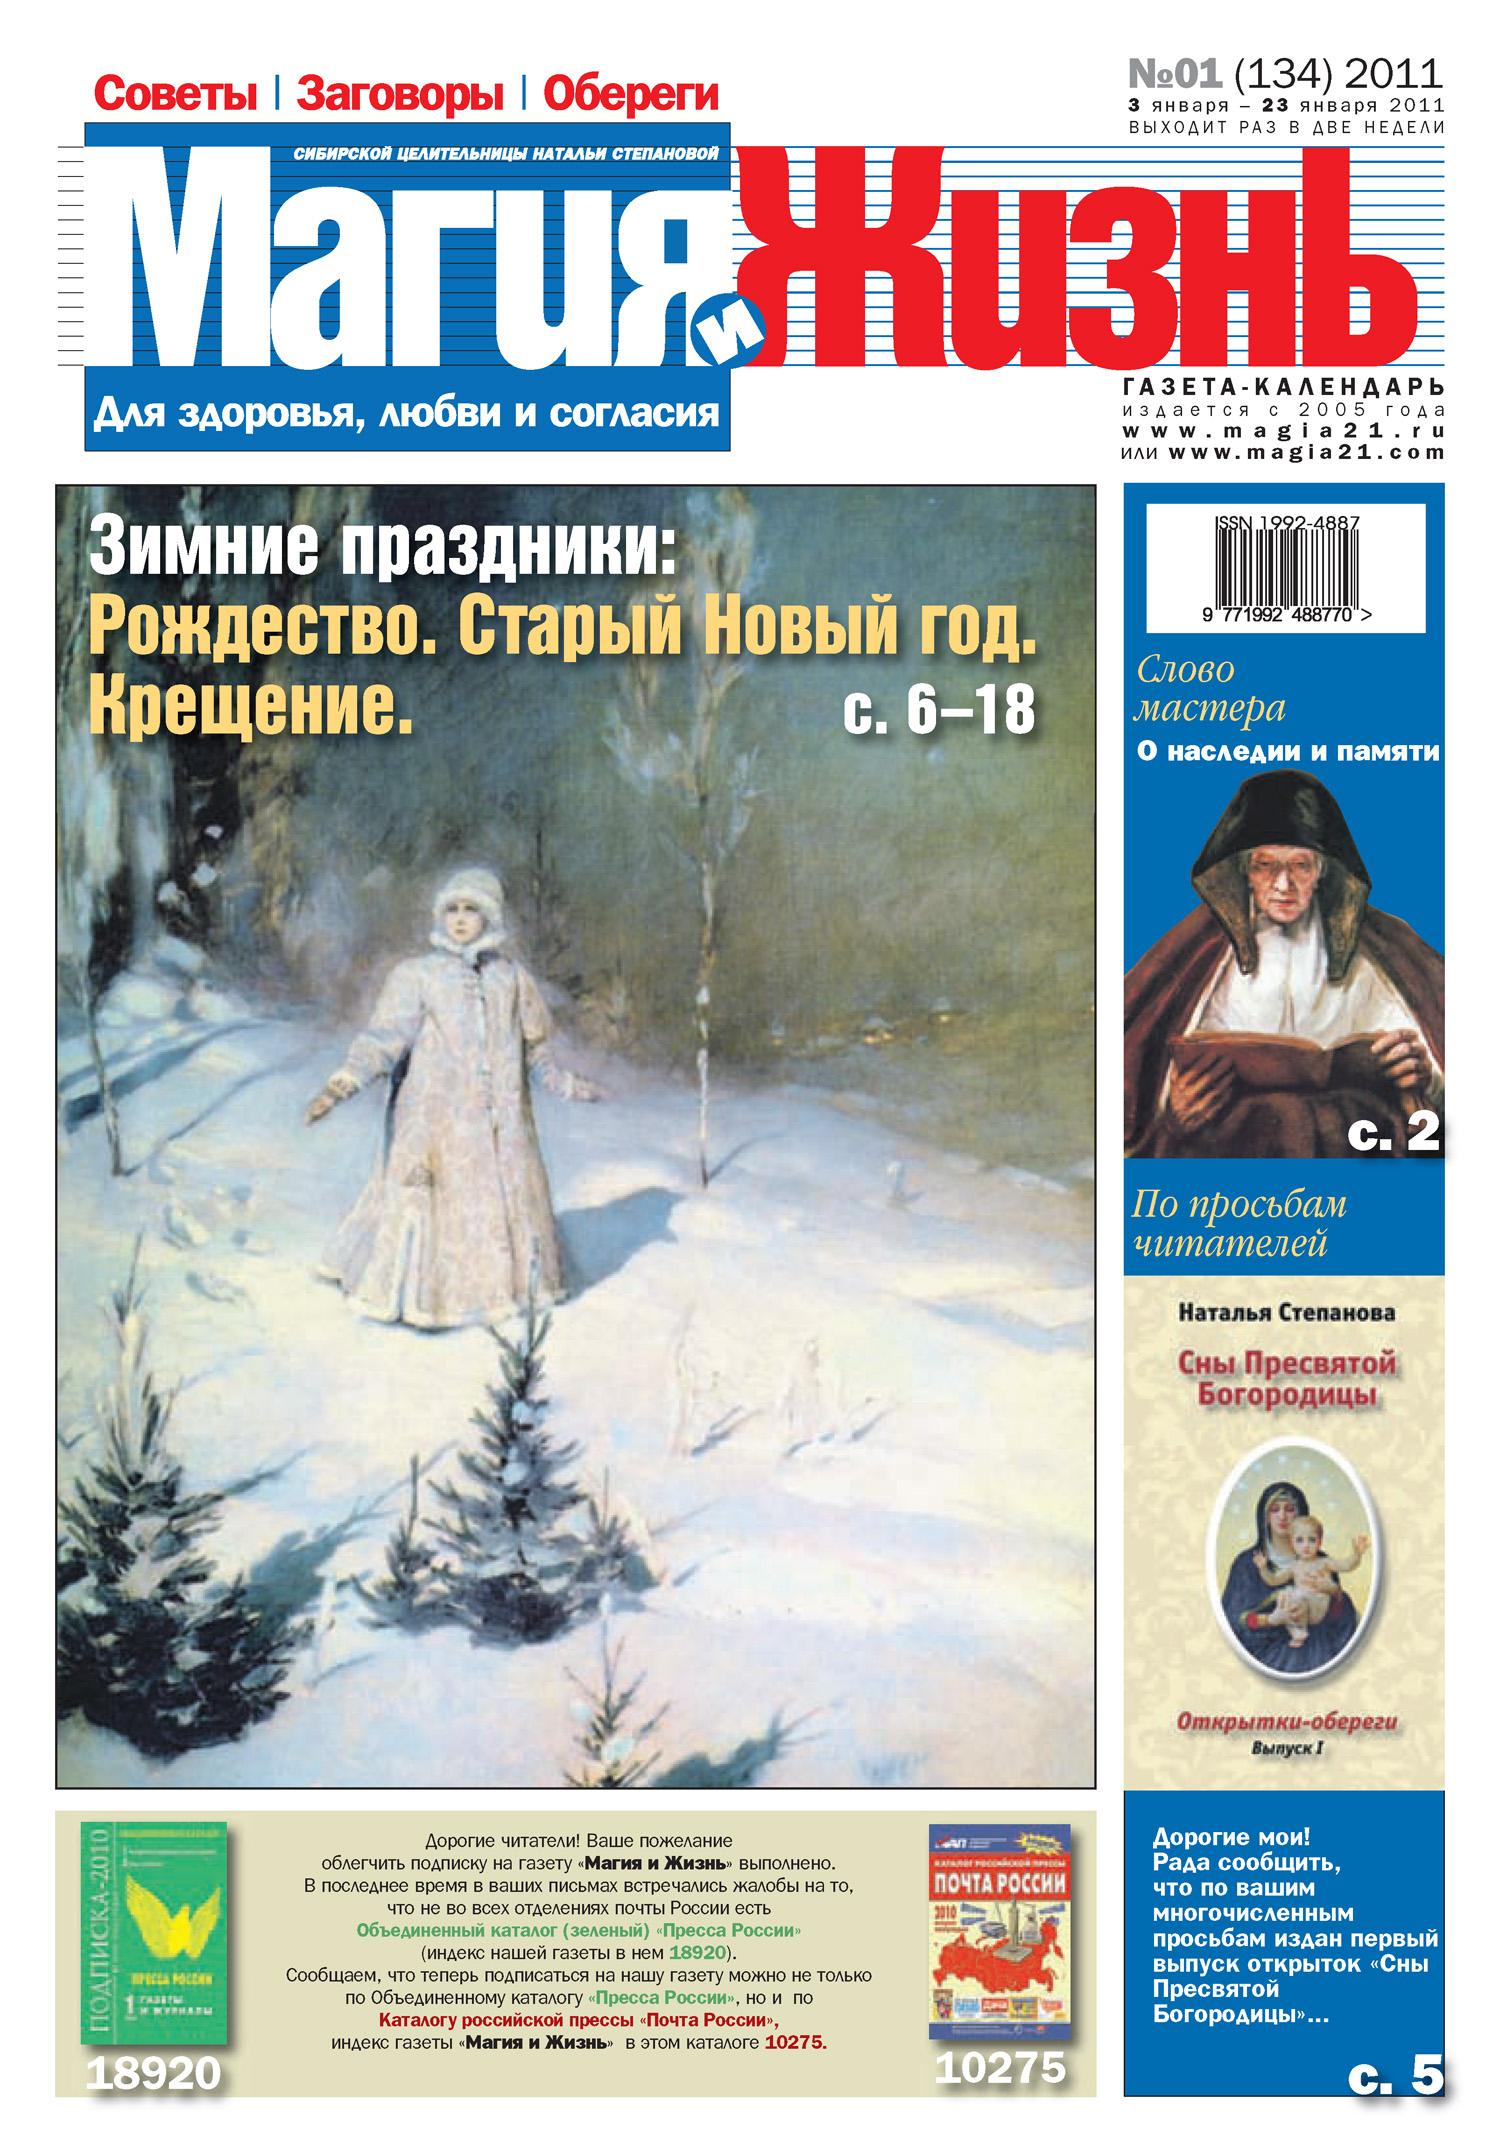 Магия и жизнь. Газета сибирской целительницы Натальи Степановой №1 (134) 2011